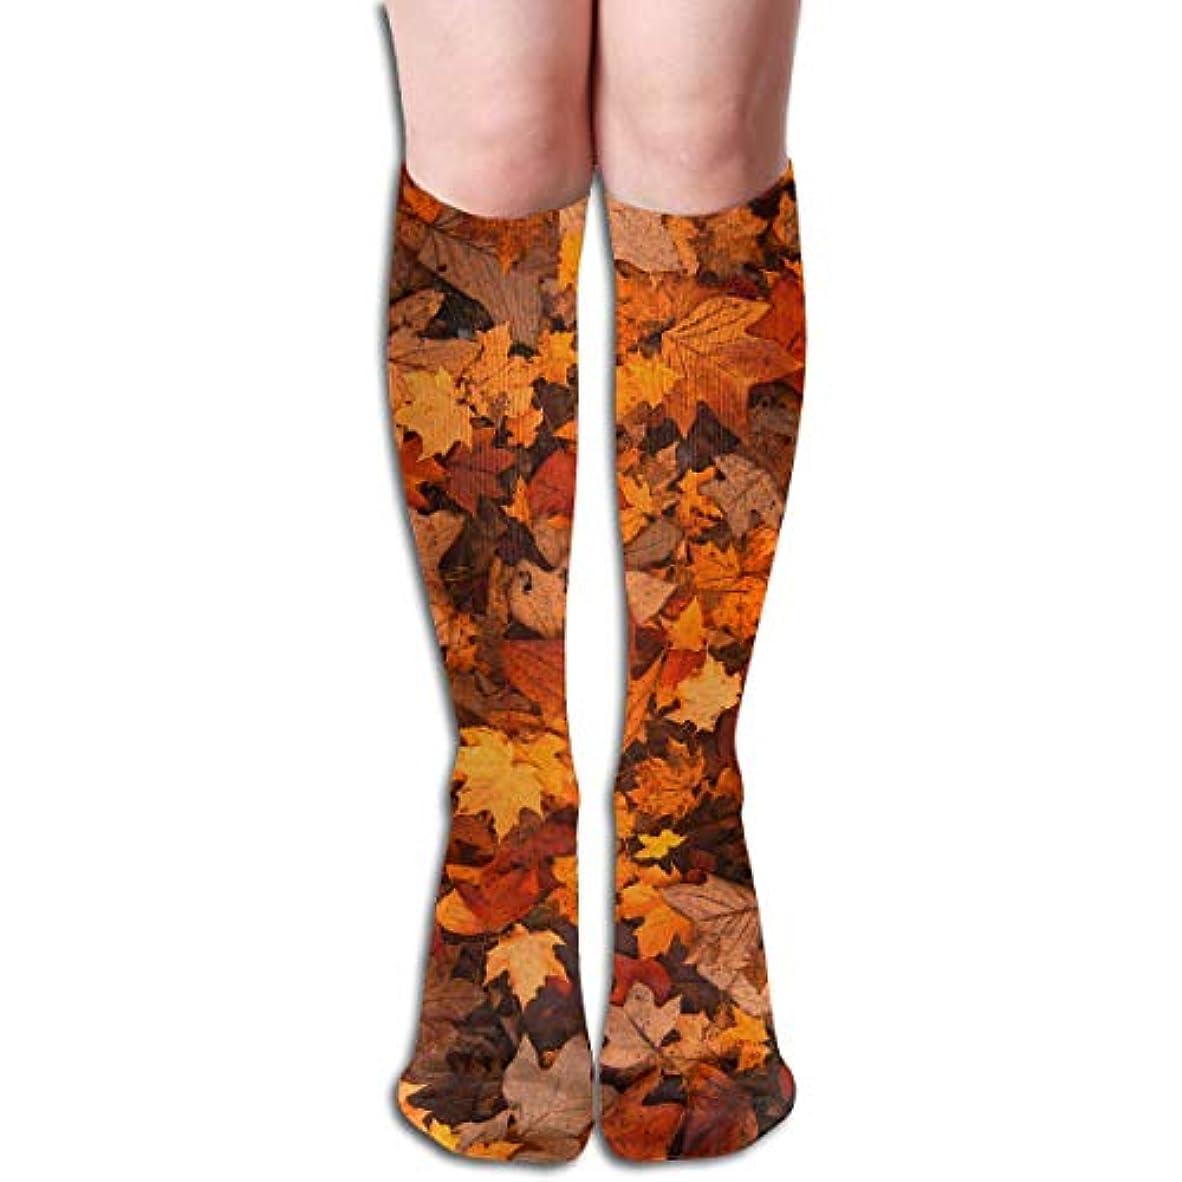 天高原許可3つの抗菌アスレチックソックス圧縮靴下クルーソックスロングスポーツ膝ハイソックス少年少女キッズ幼児用